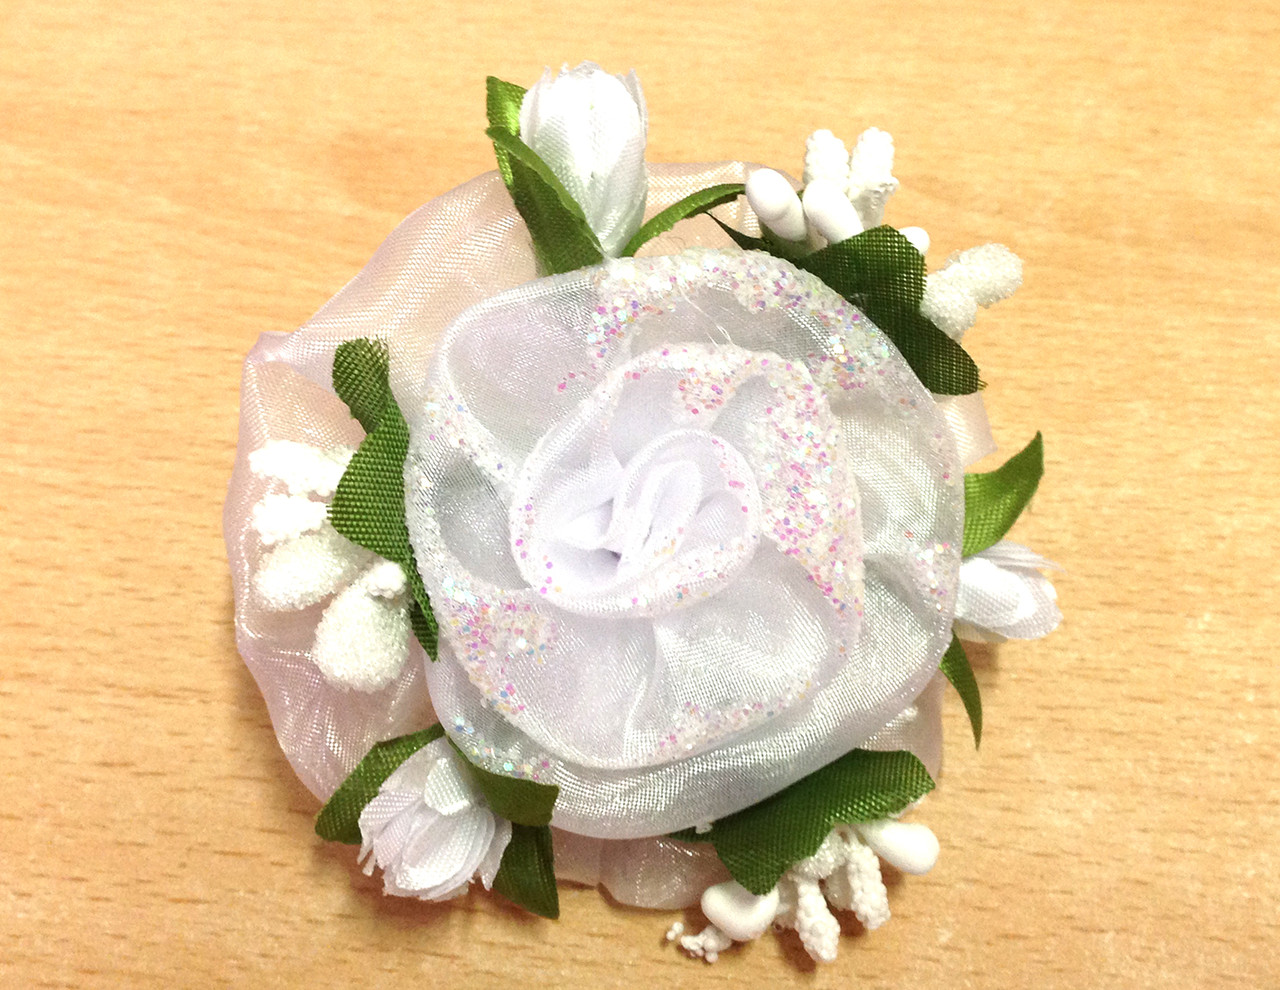 Банты ручной работы, на резинке, белый цветок, диаметр 7 см